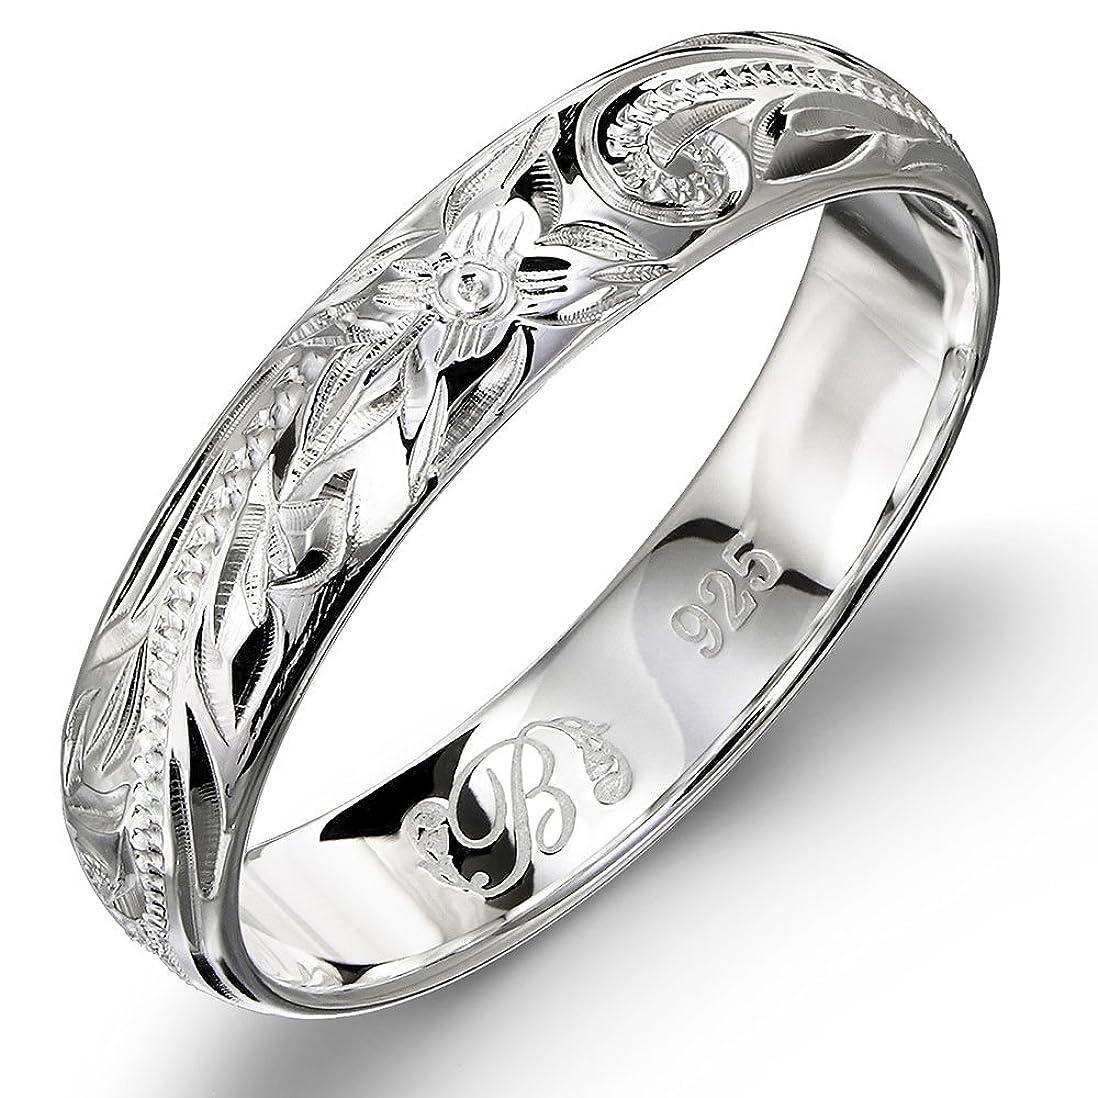 将来の風味風景SOUFEEL <無限の愛> レディース リング シンプル 指輪 ジルコン ファッション デザイン 人気 華奢 シルバーリング 925 婚約 結婚 婚約指輪 ピンクゴールド サイズ